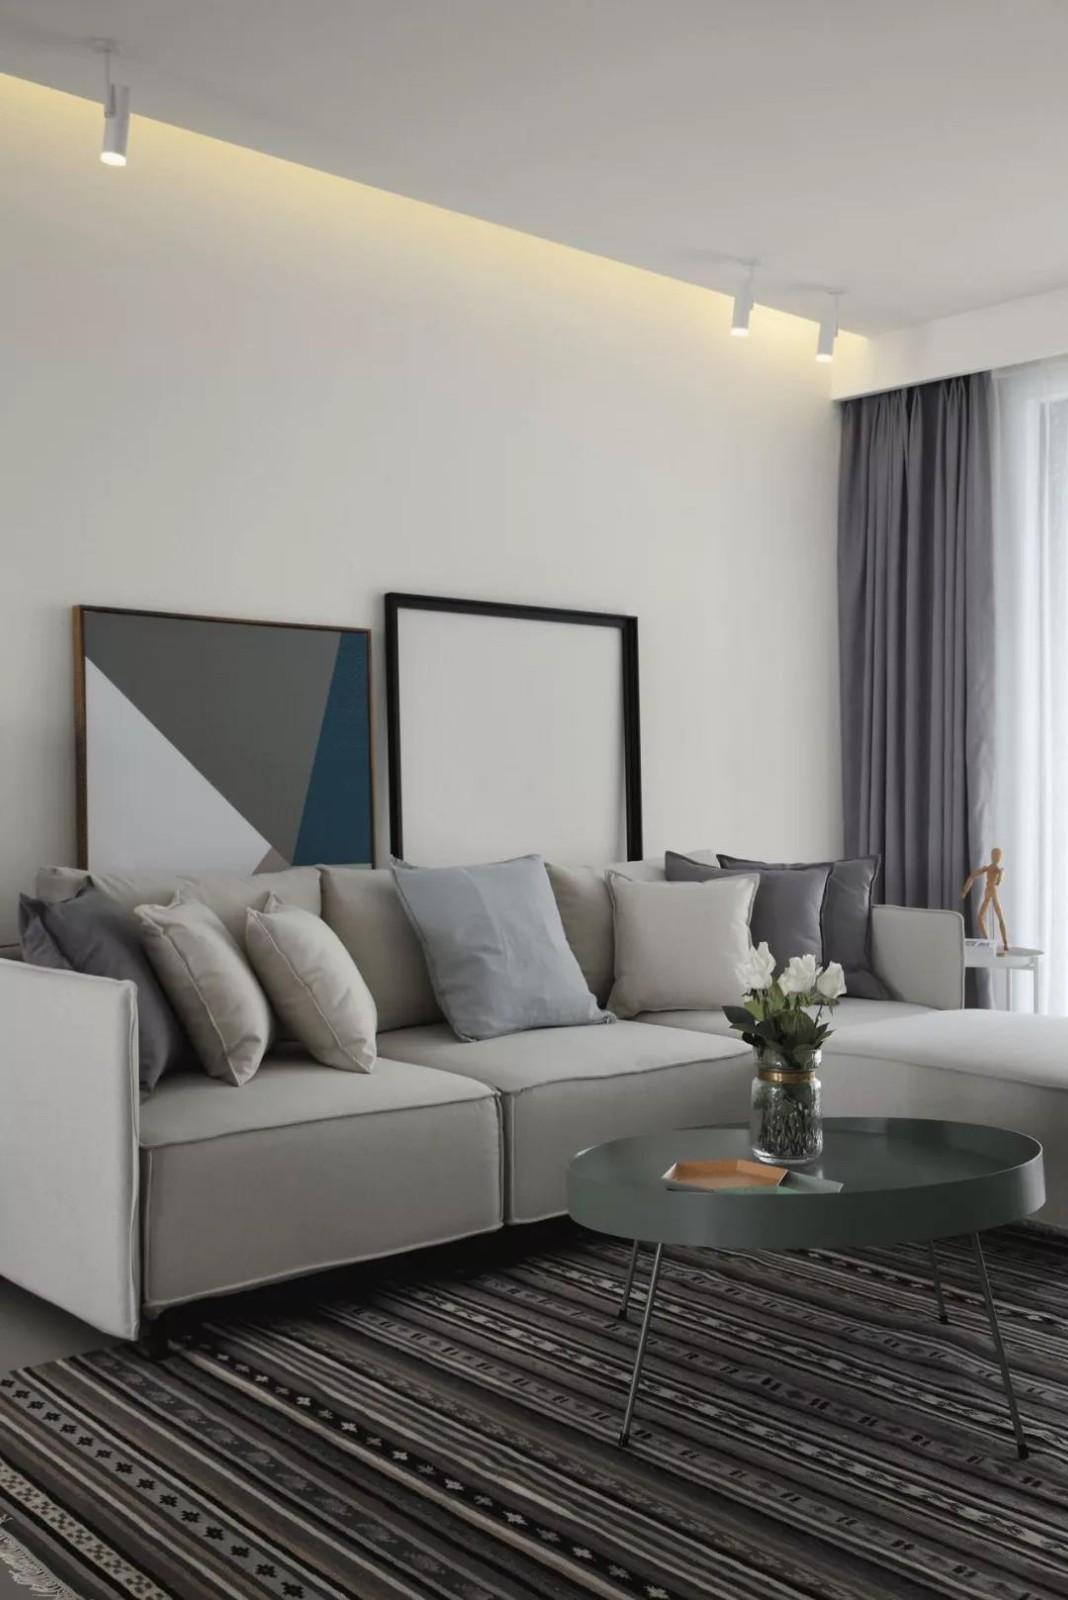 2021現代簡約客廳裝修設計 2021現代簡約沙發裝修圖